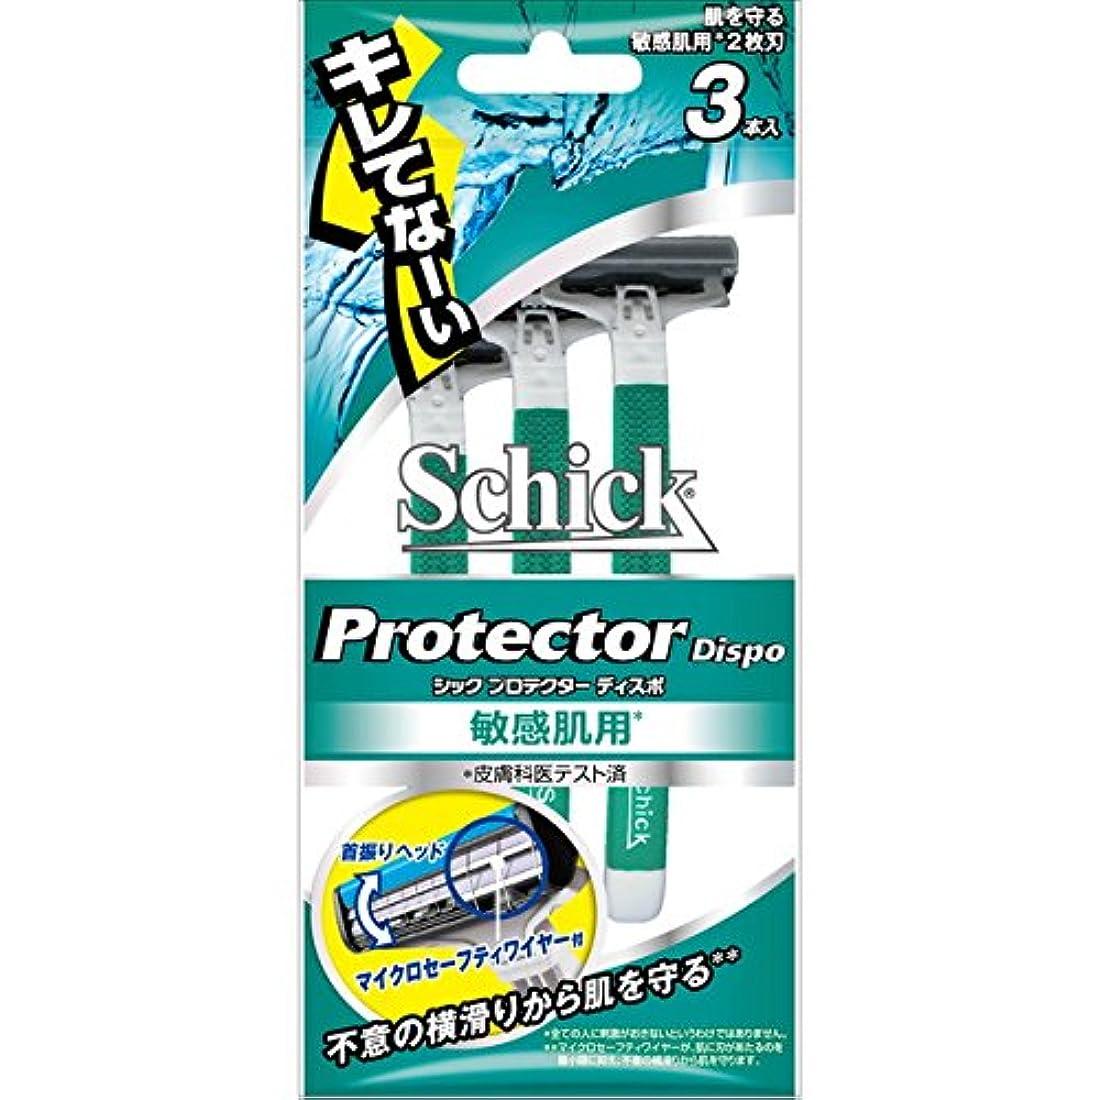 シック プロテクターディスポ 敏感肌用 3本【2個セット】